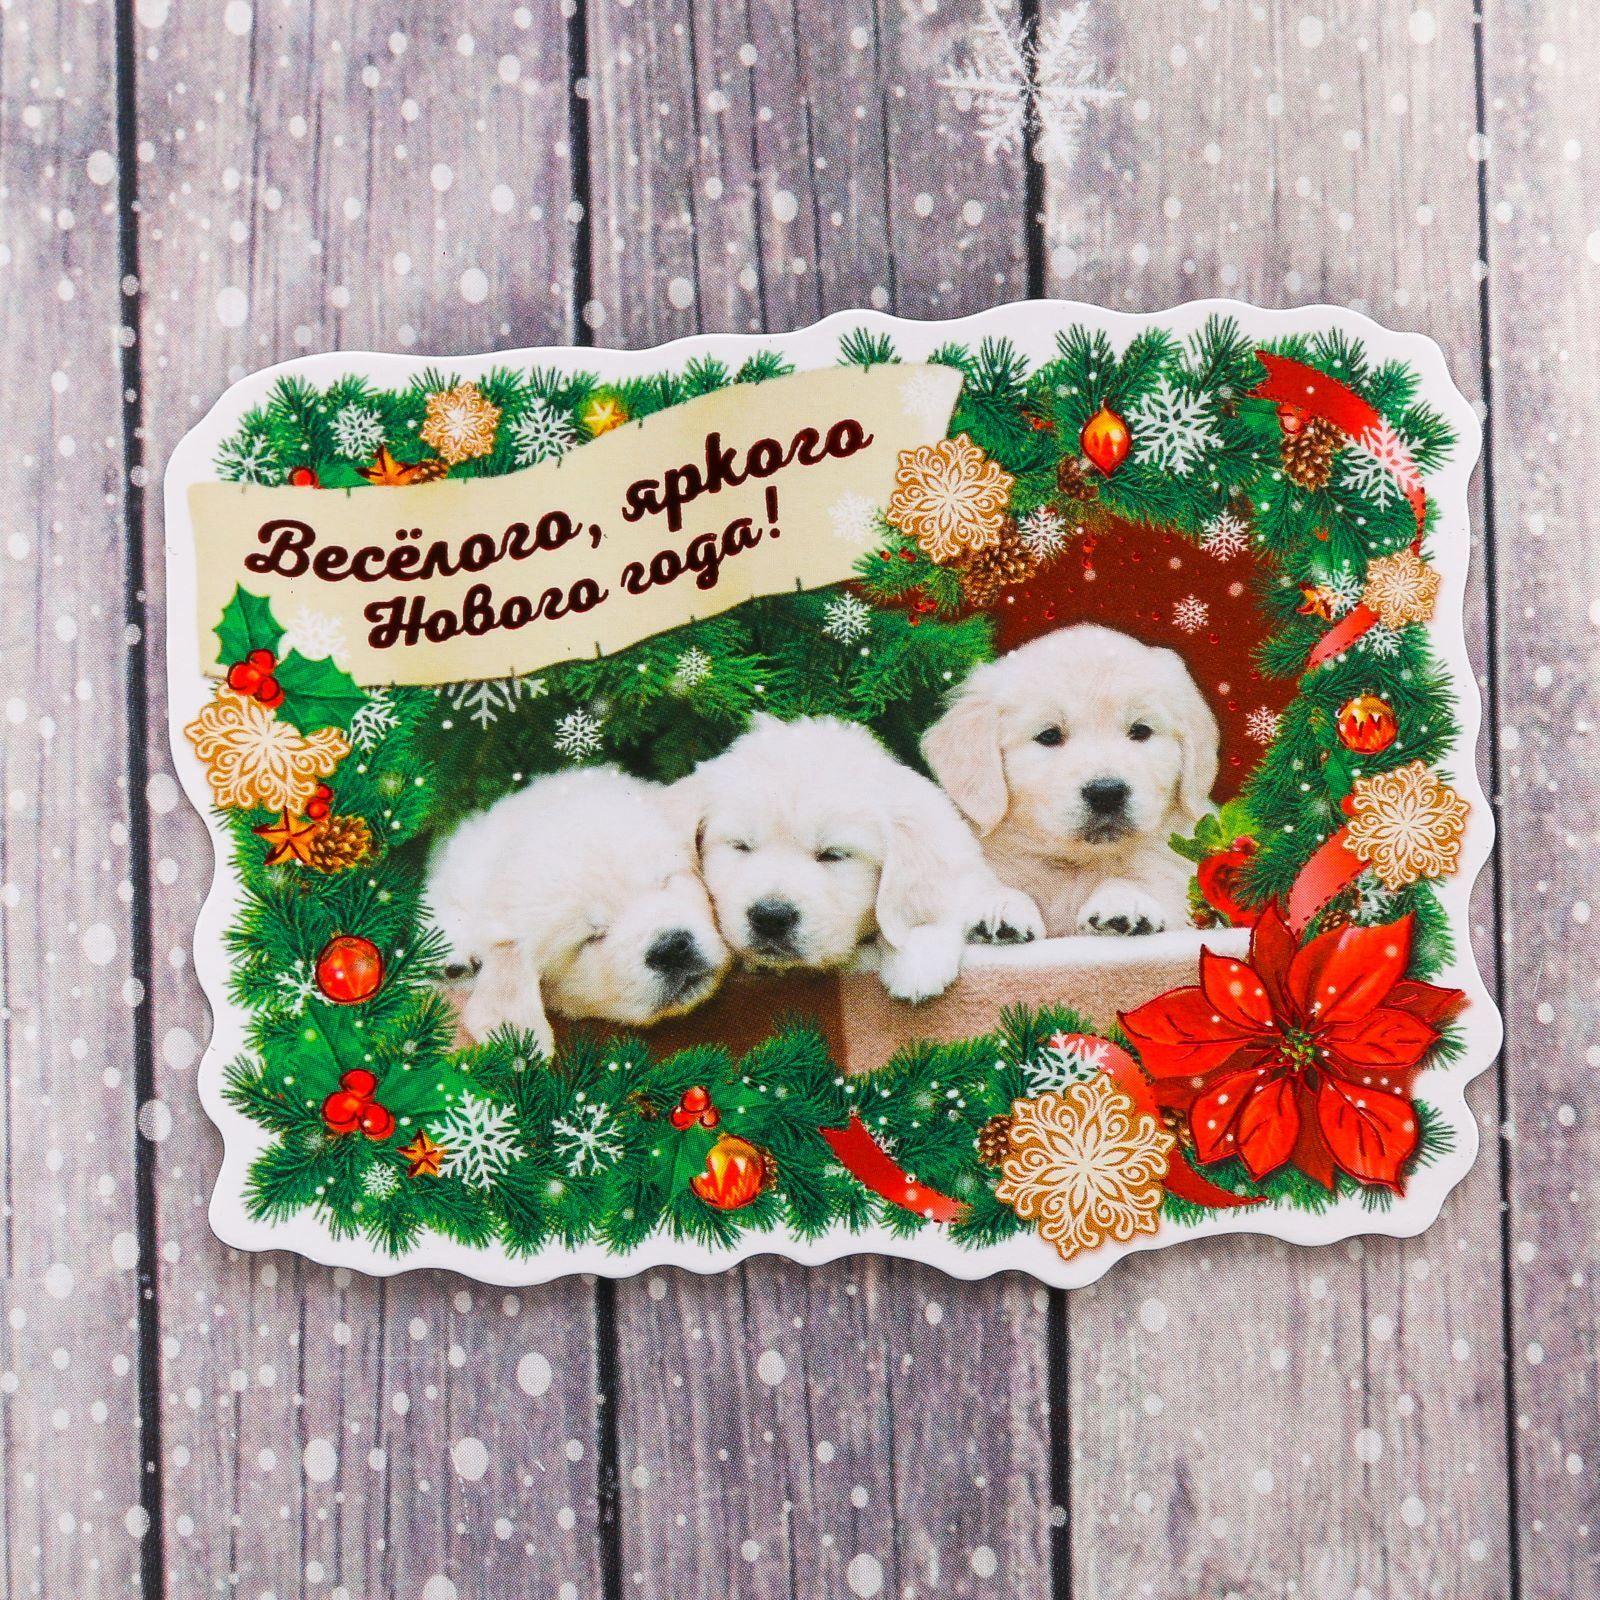 Магнит Sima-land Веселого, яркого Нового года!, 7,8 х 5,8 см1894028Порадуйте родных и близких оригинальным сувениром: преподнесите в подарок магнит. С ним даже самый серьёзный человек почувствует себя ребёнком, ожидающим чудо! Создайте праздничное настроение, и оно останется с вами на весь год.